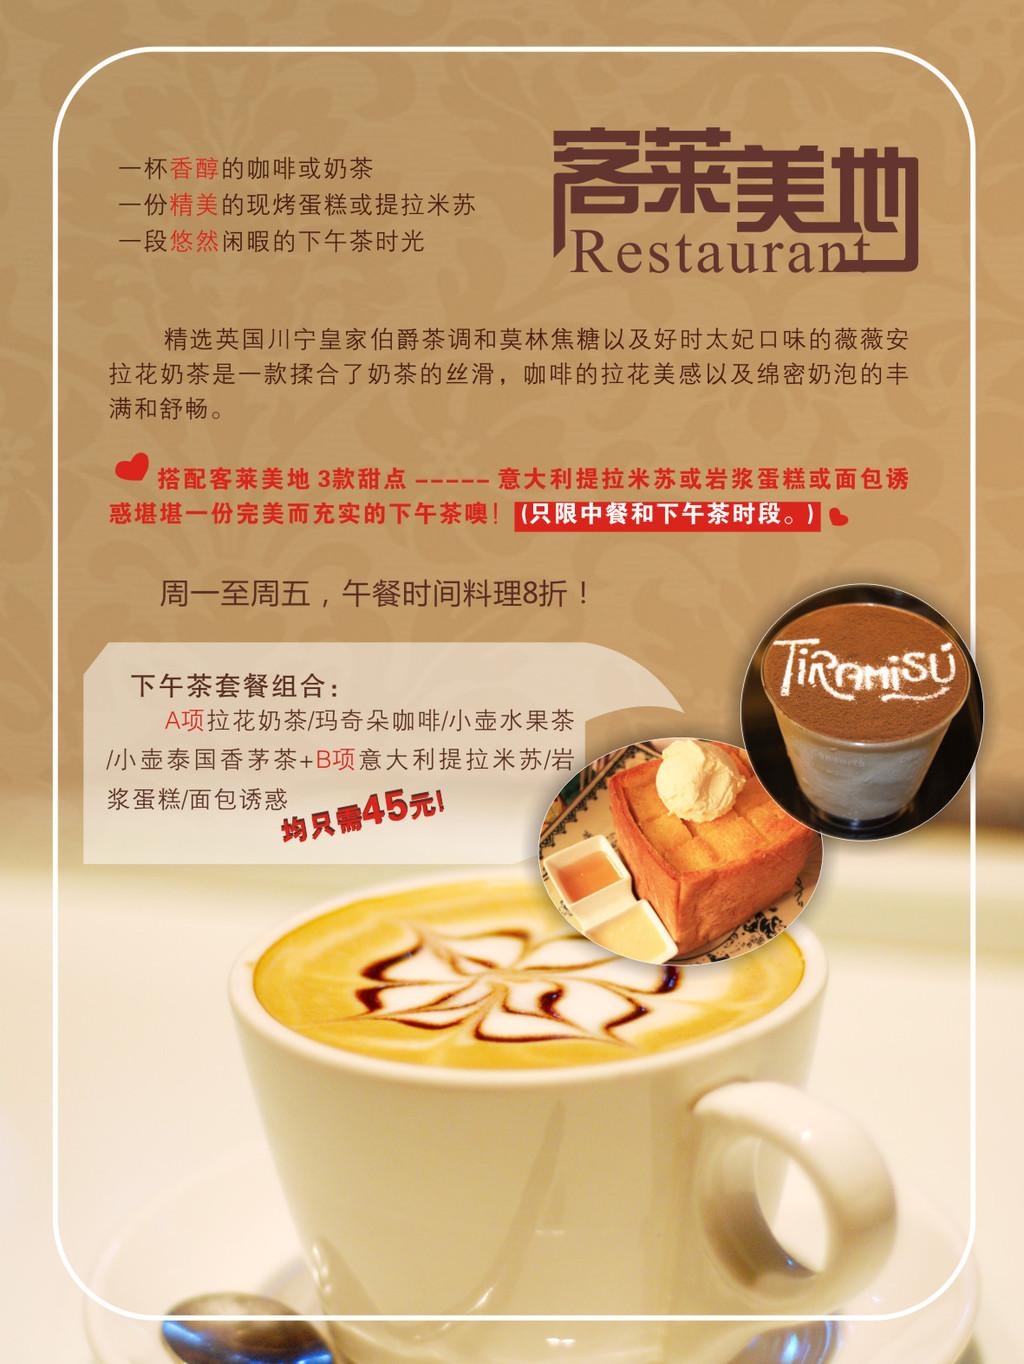 西餐厅咖啡店宣传海报模板下载